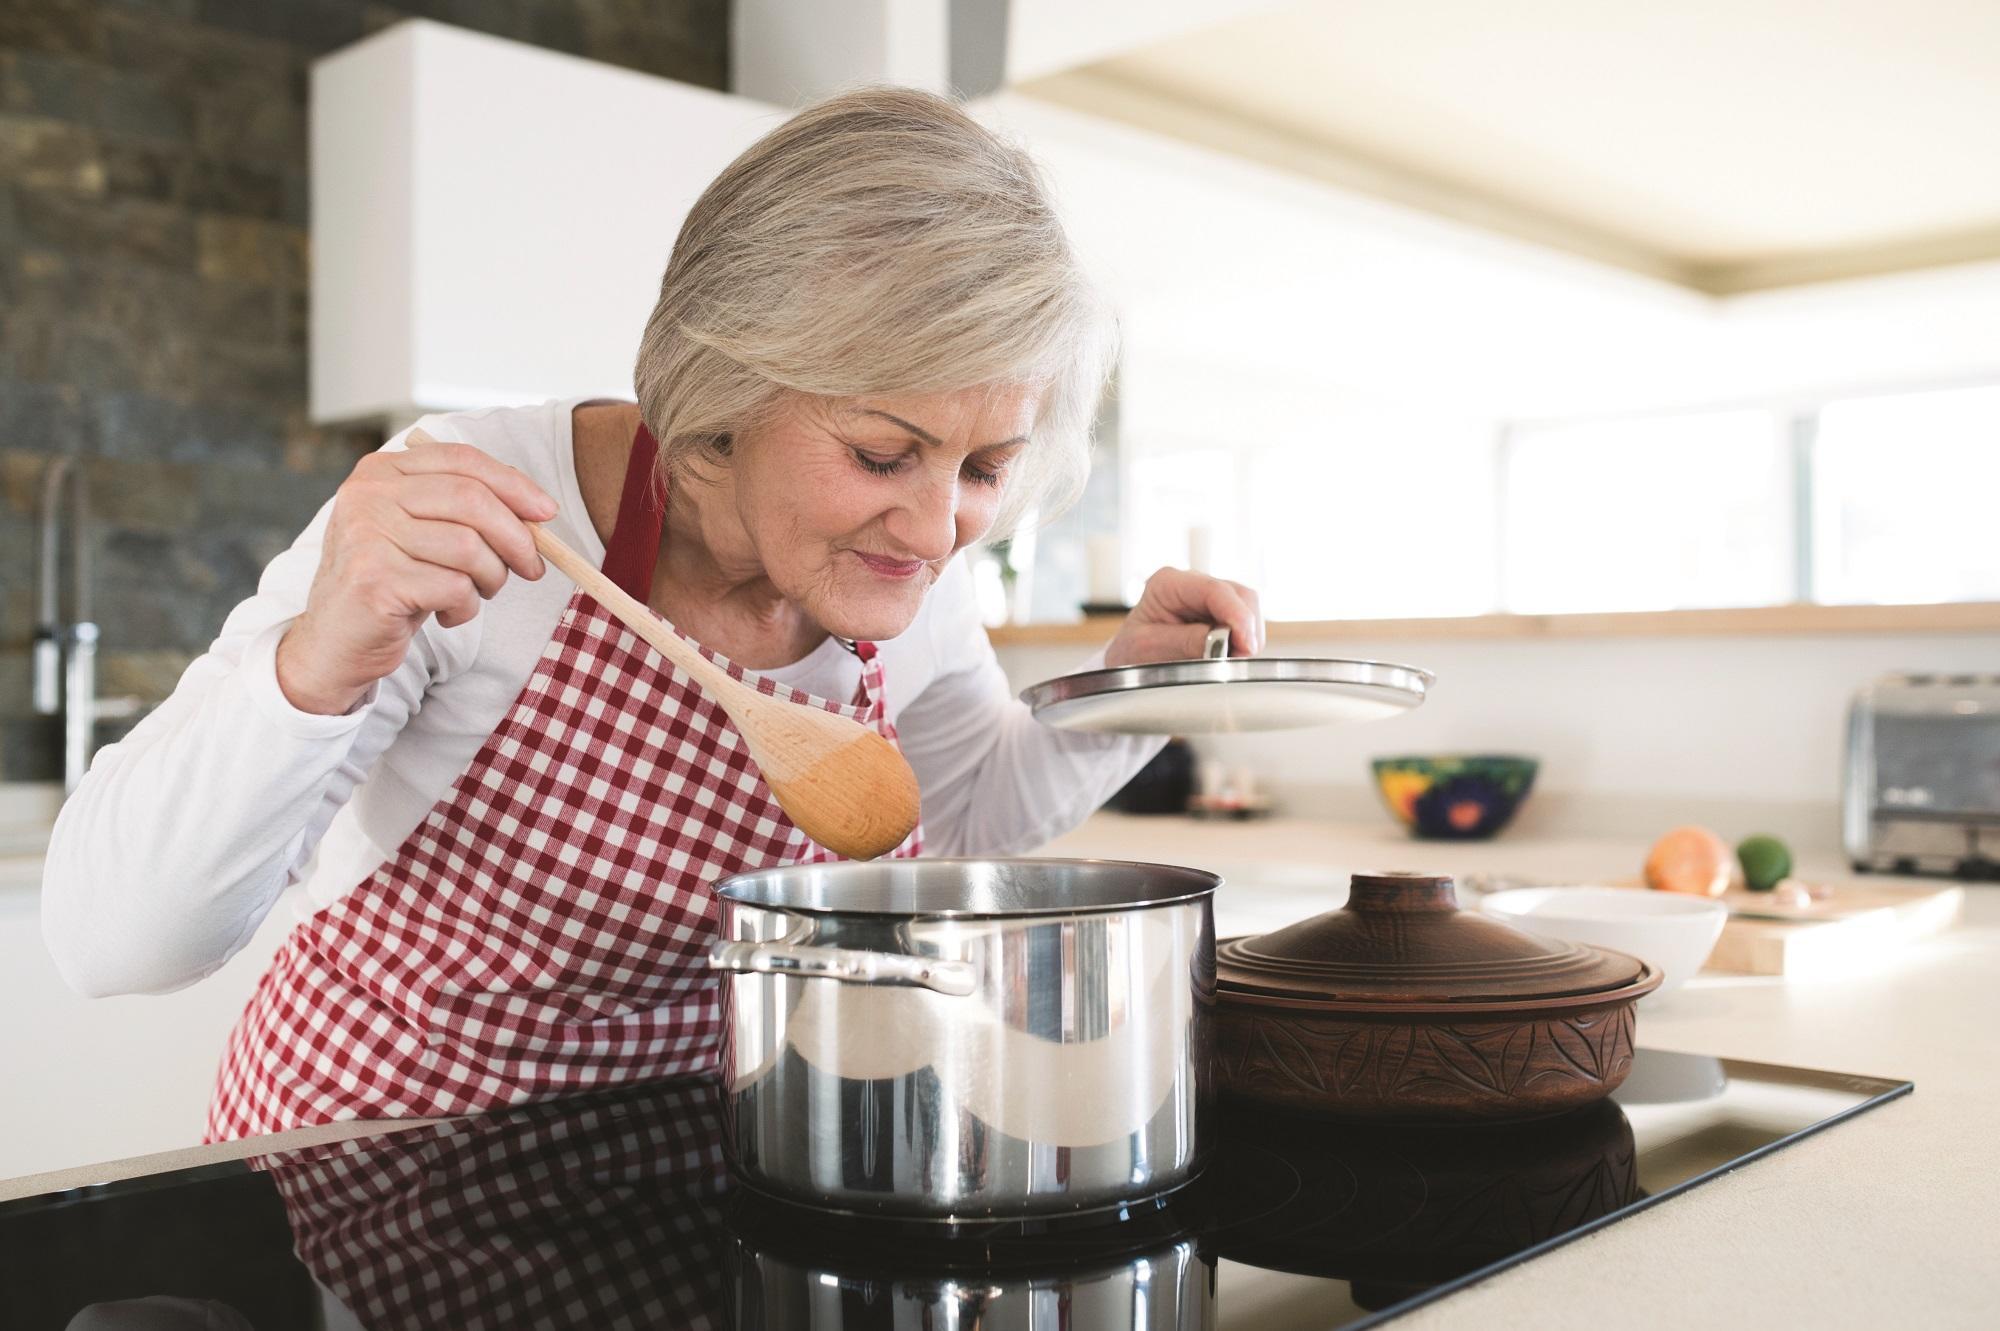 Senior Choice at Home image 1